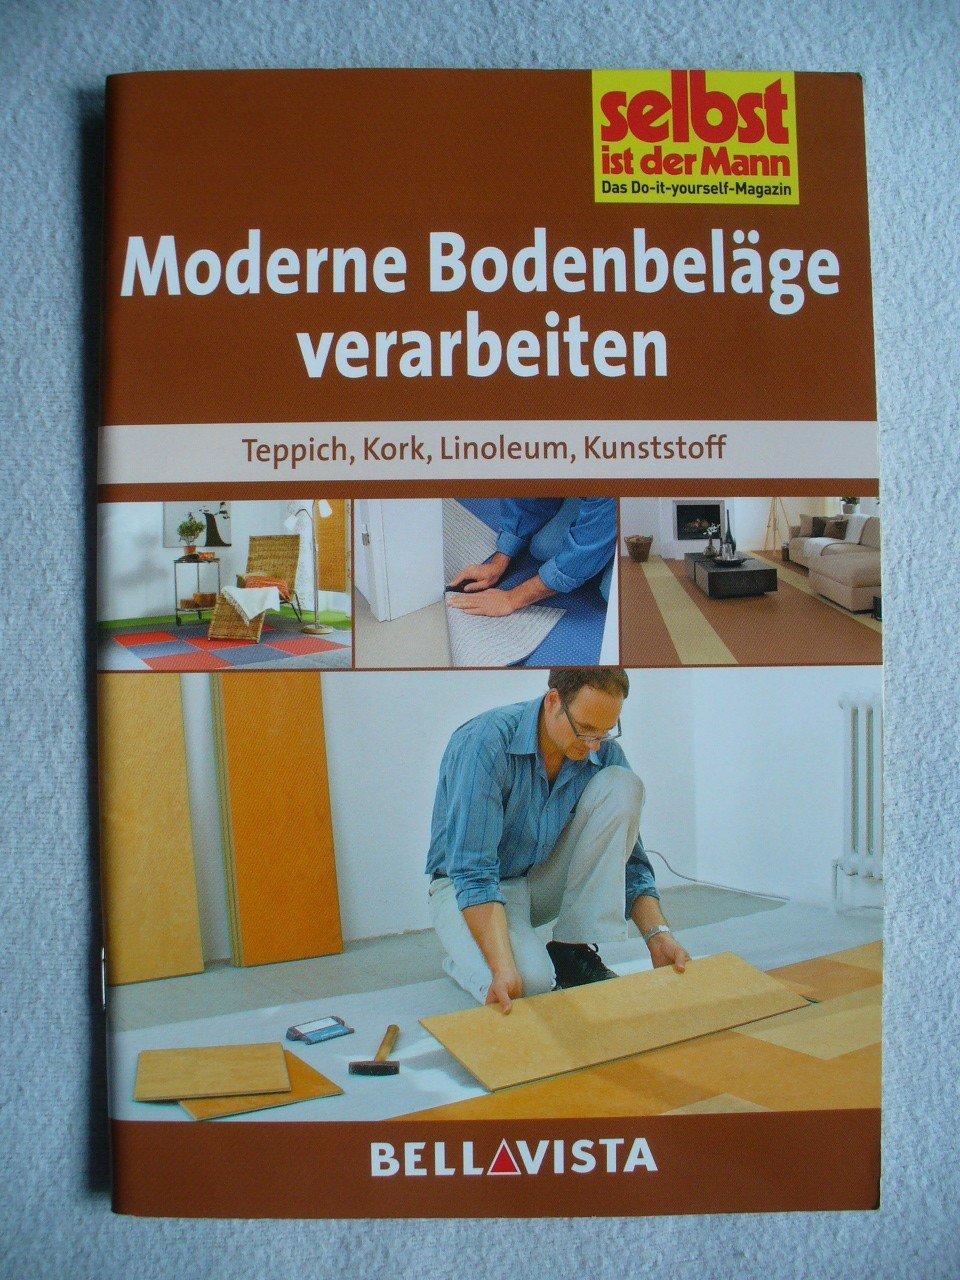 Bemerkenswert Moderne Bodenbeläge Das Beste Von Gebrauchtes Buch – Selbst Ist Der Mann